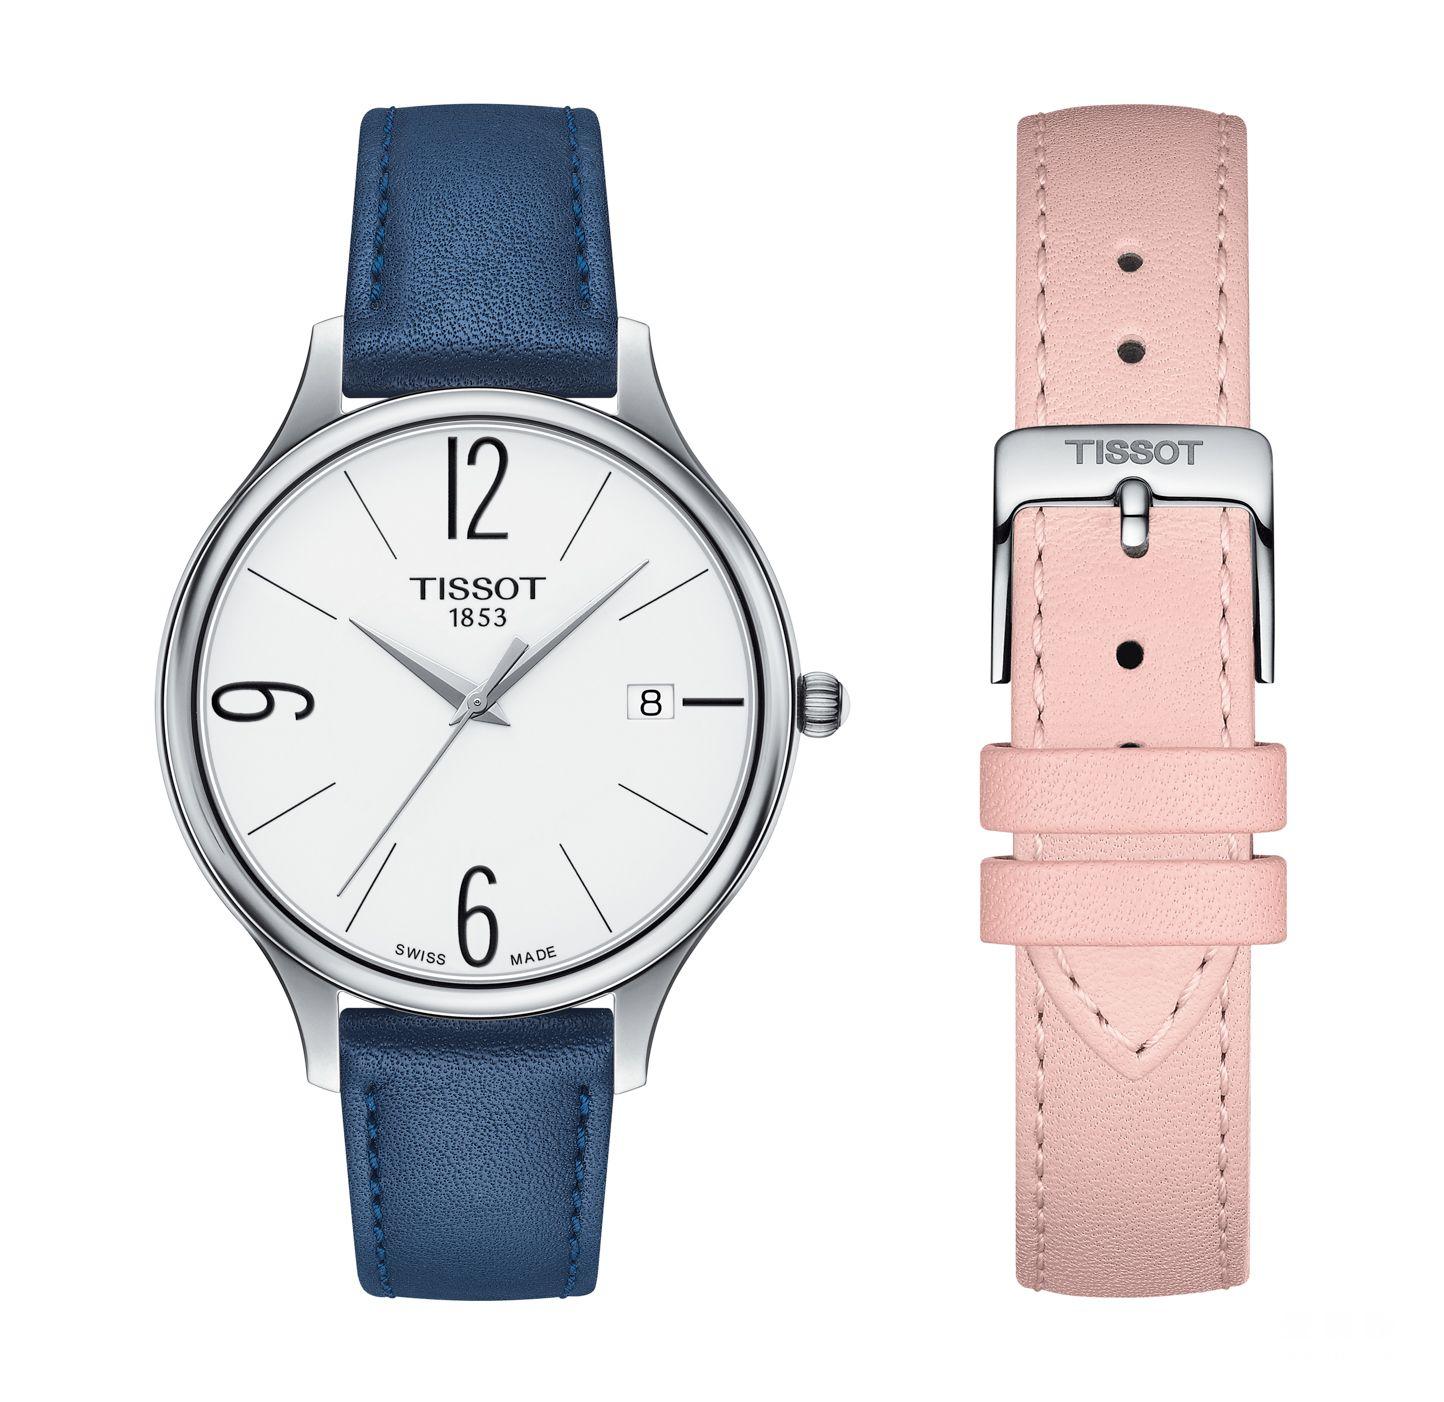 图14:天梭臻时系列圆形款腕表-4